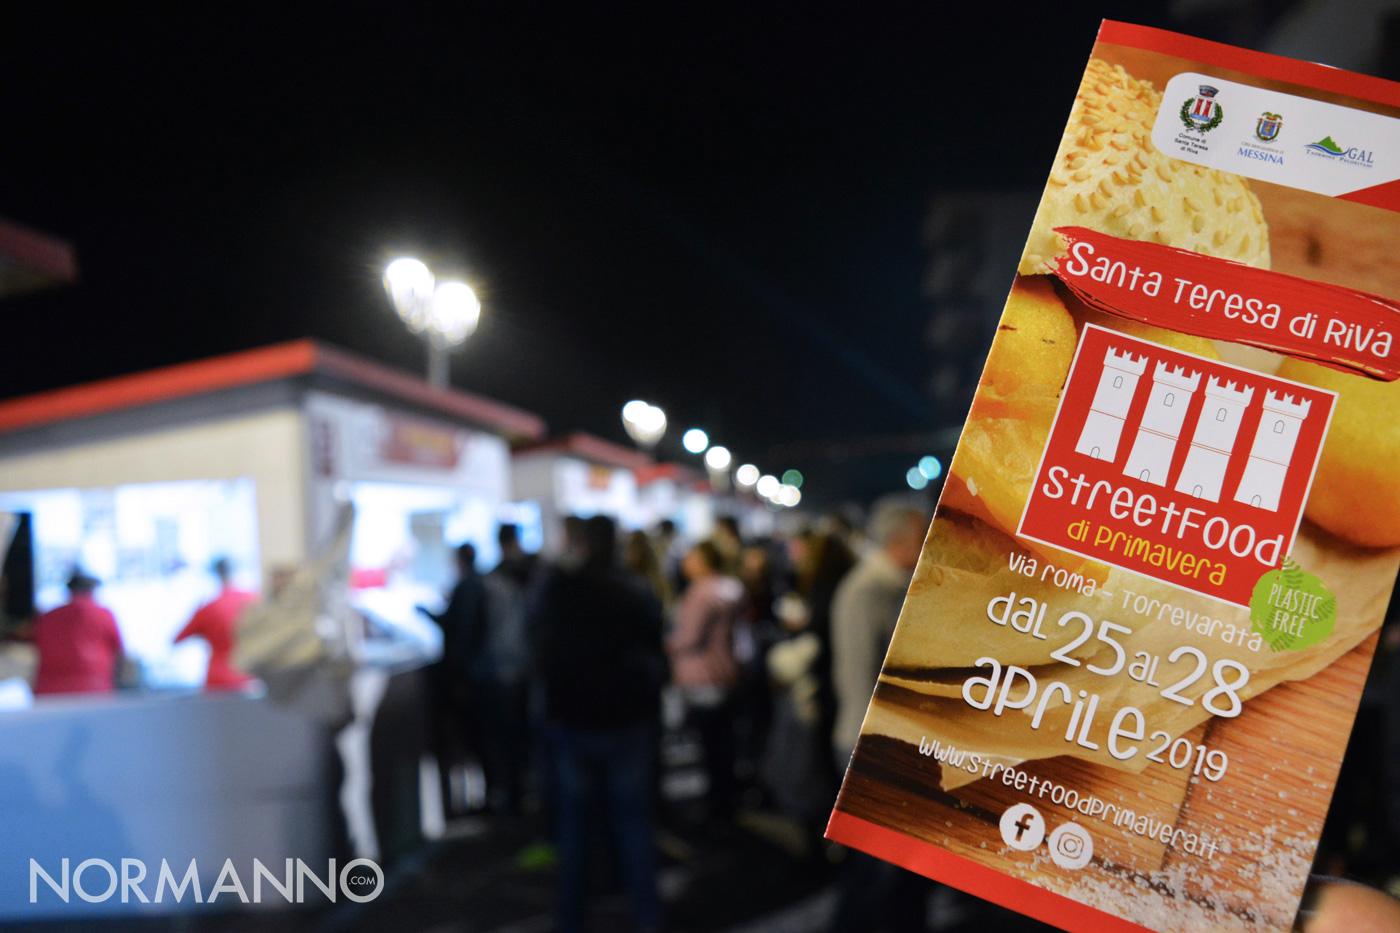 Foto stand Street Food di Primavera 2019